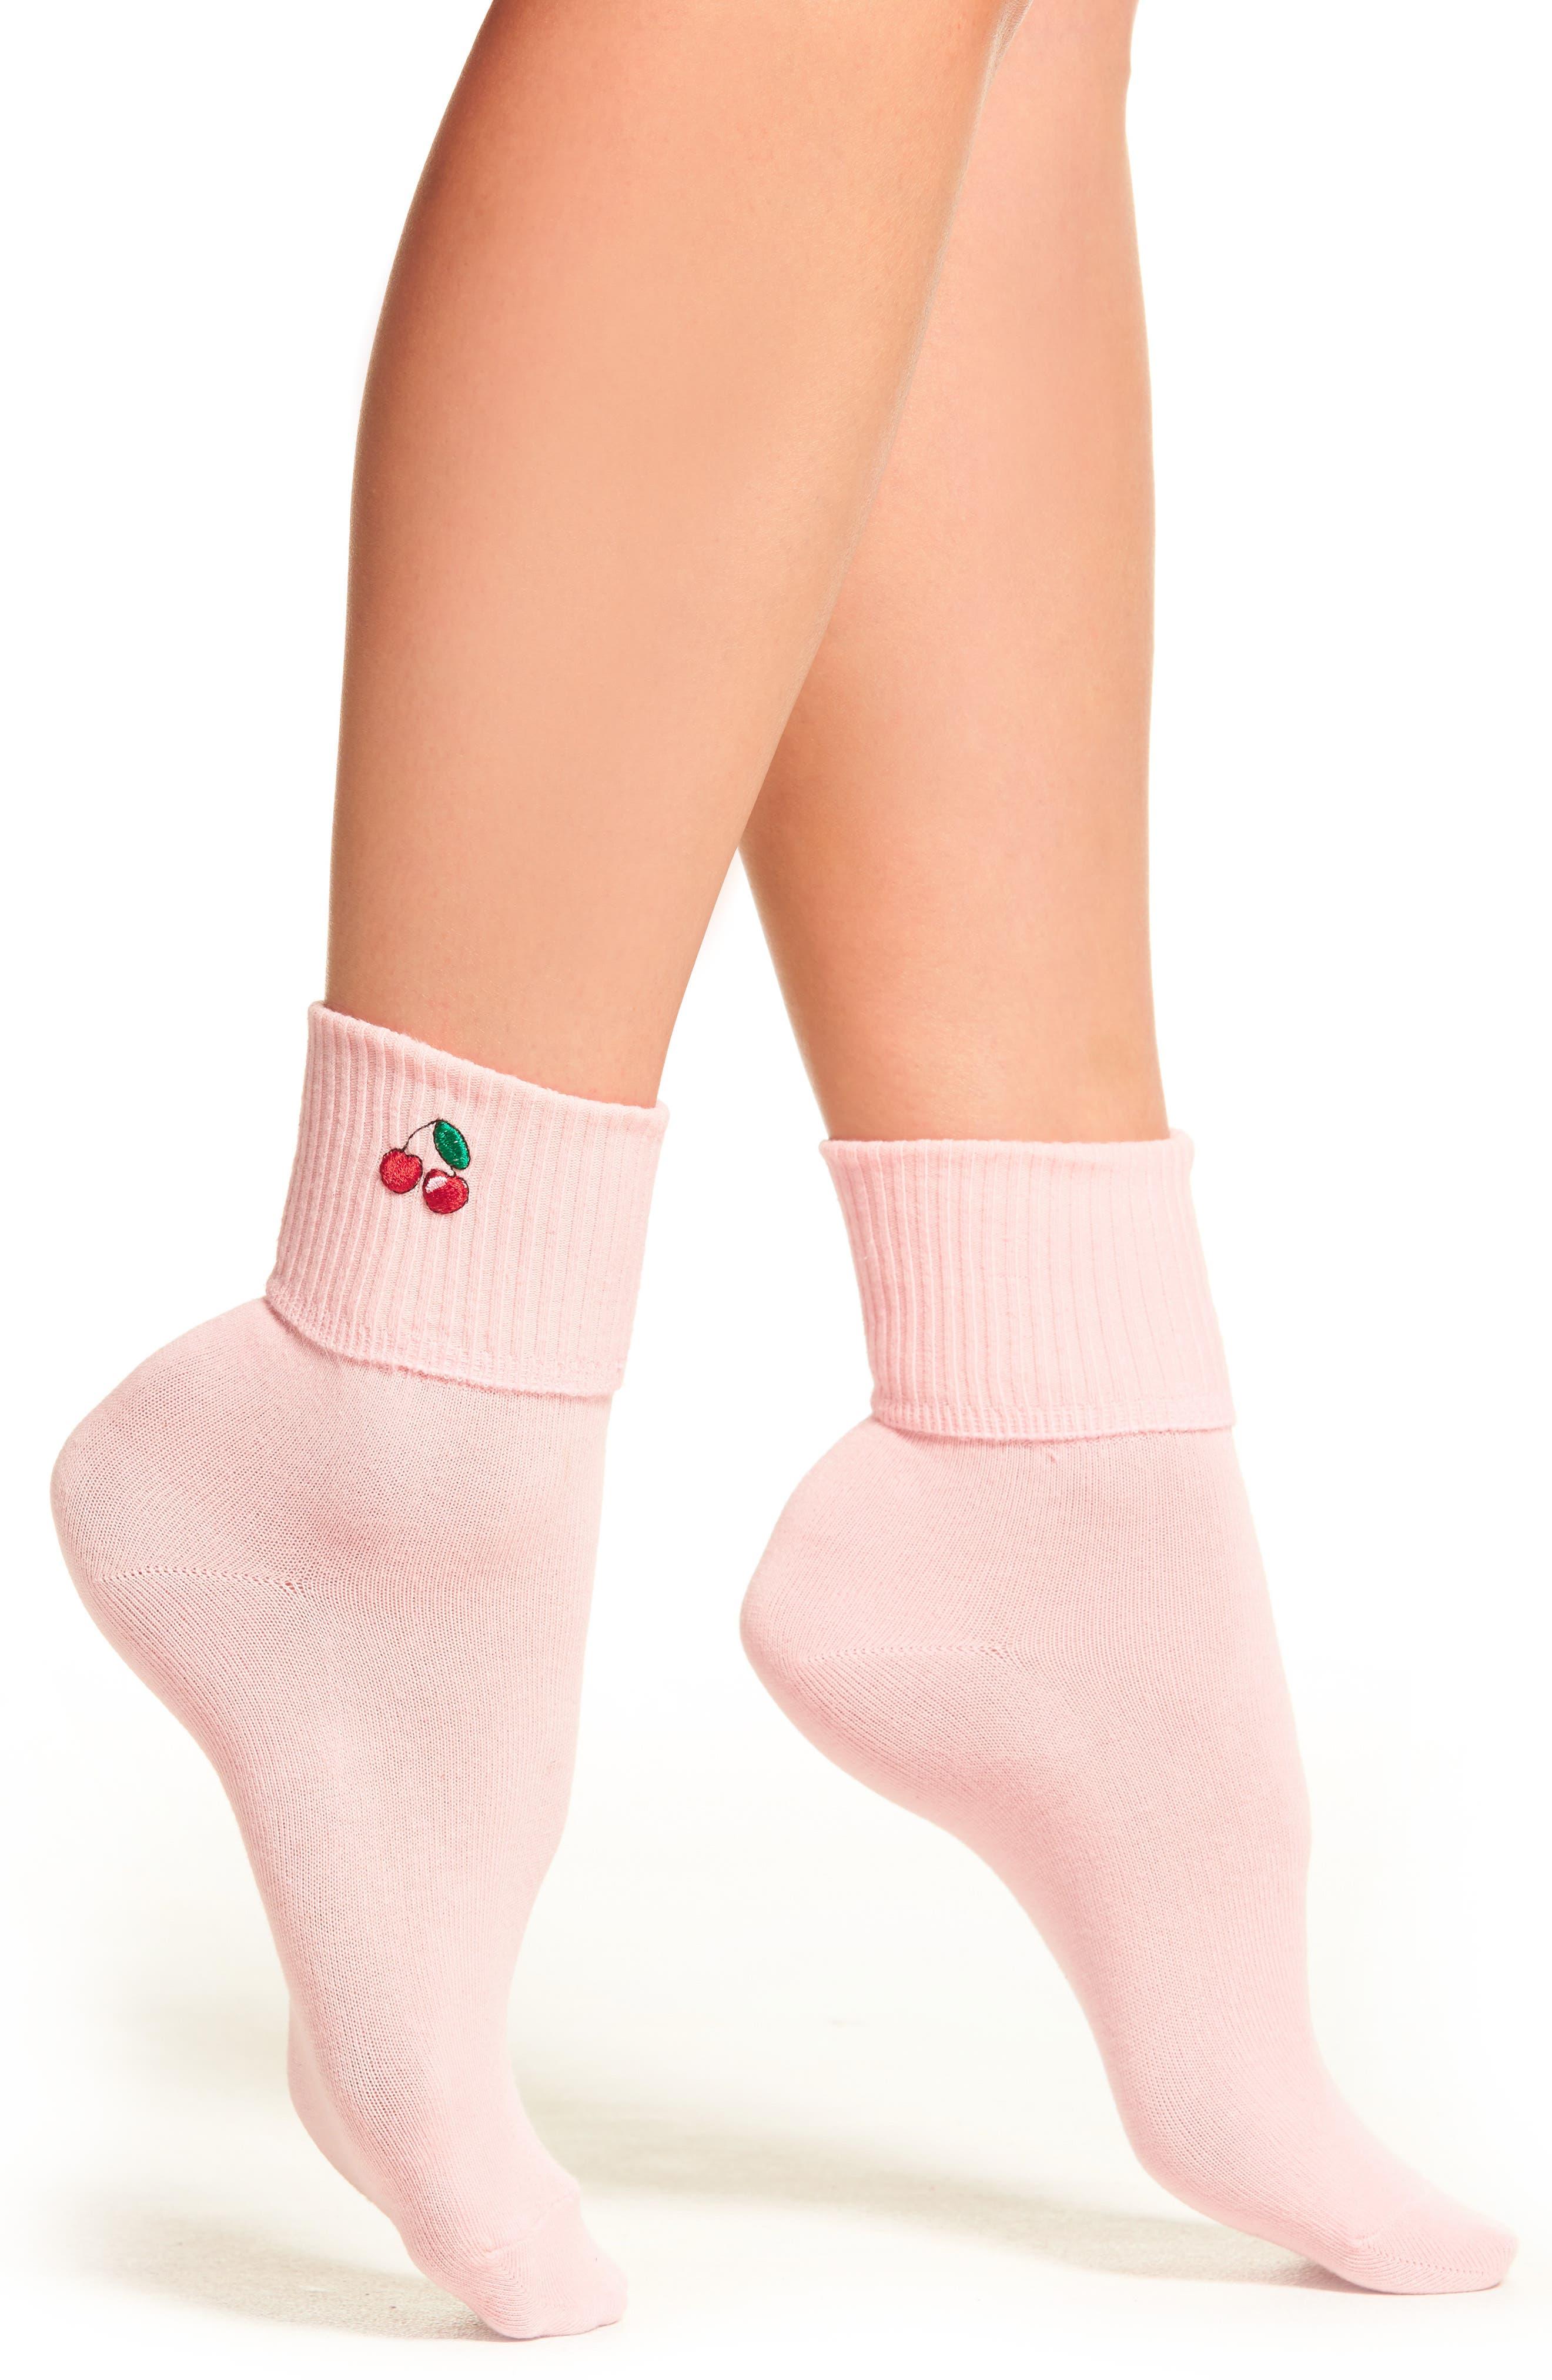 Main Image - Yeah Bunny Cherry Socks